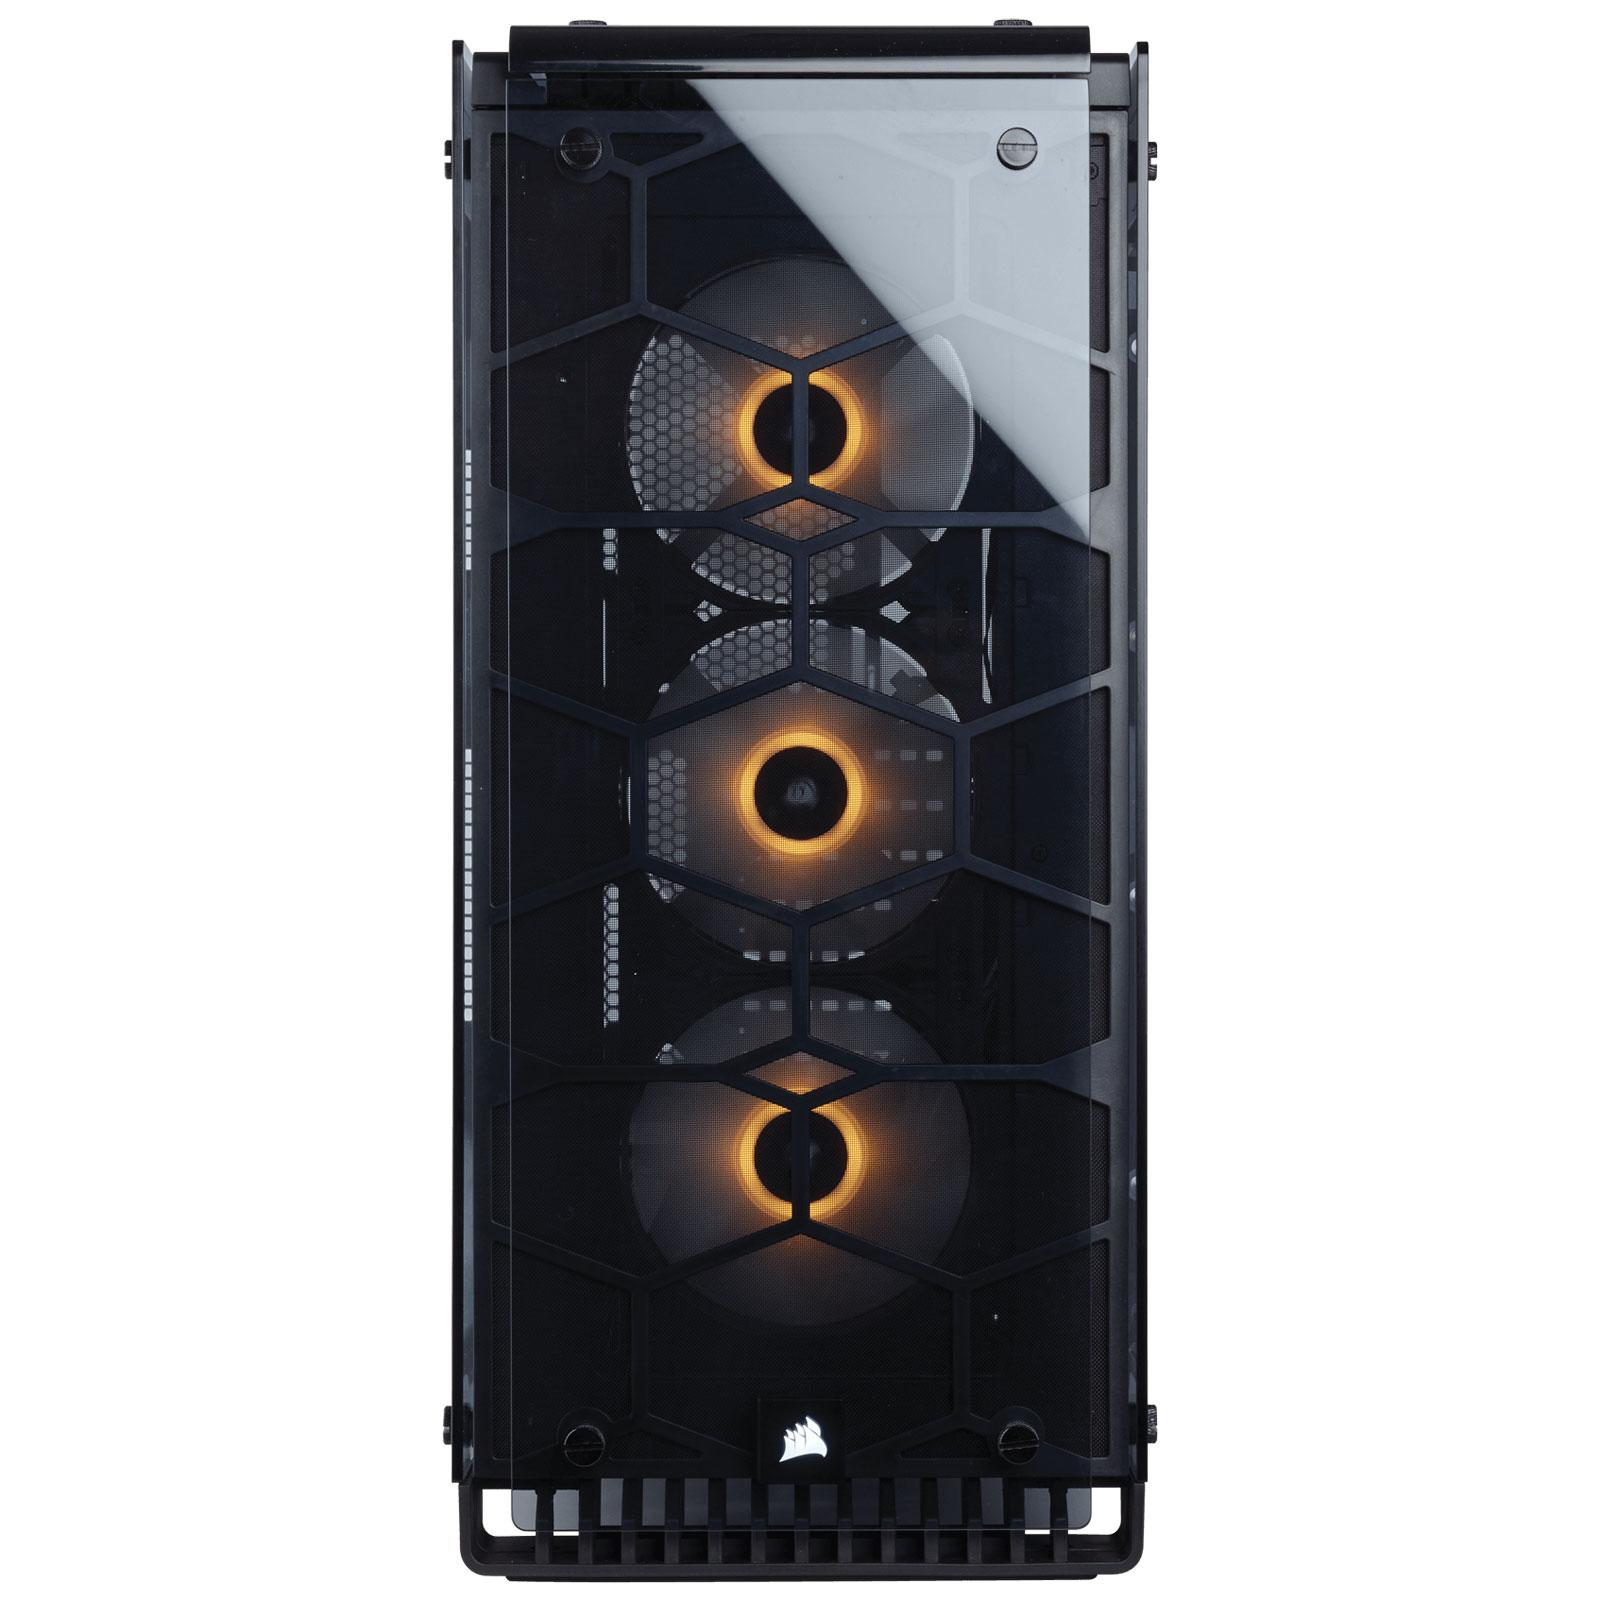 Corsair MT/Sans Alim/ATX/Verre trempé Transparent - Boîtier PC - 1